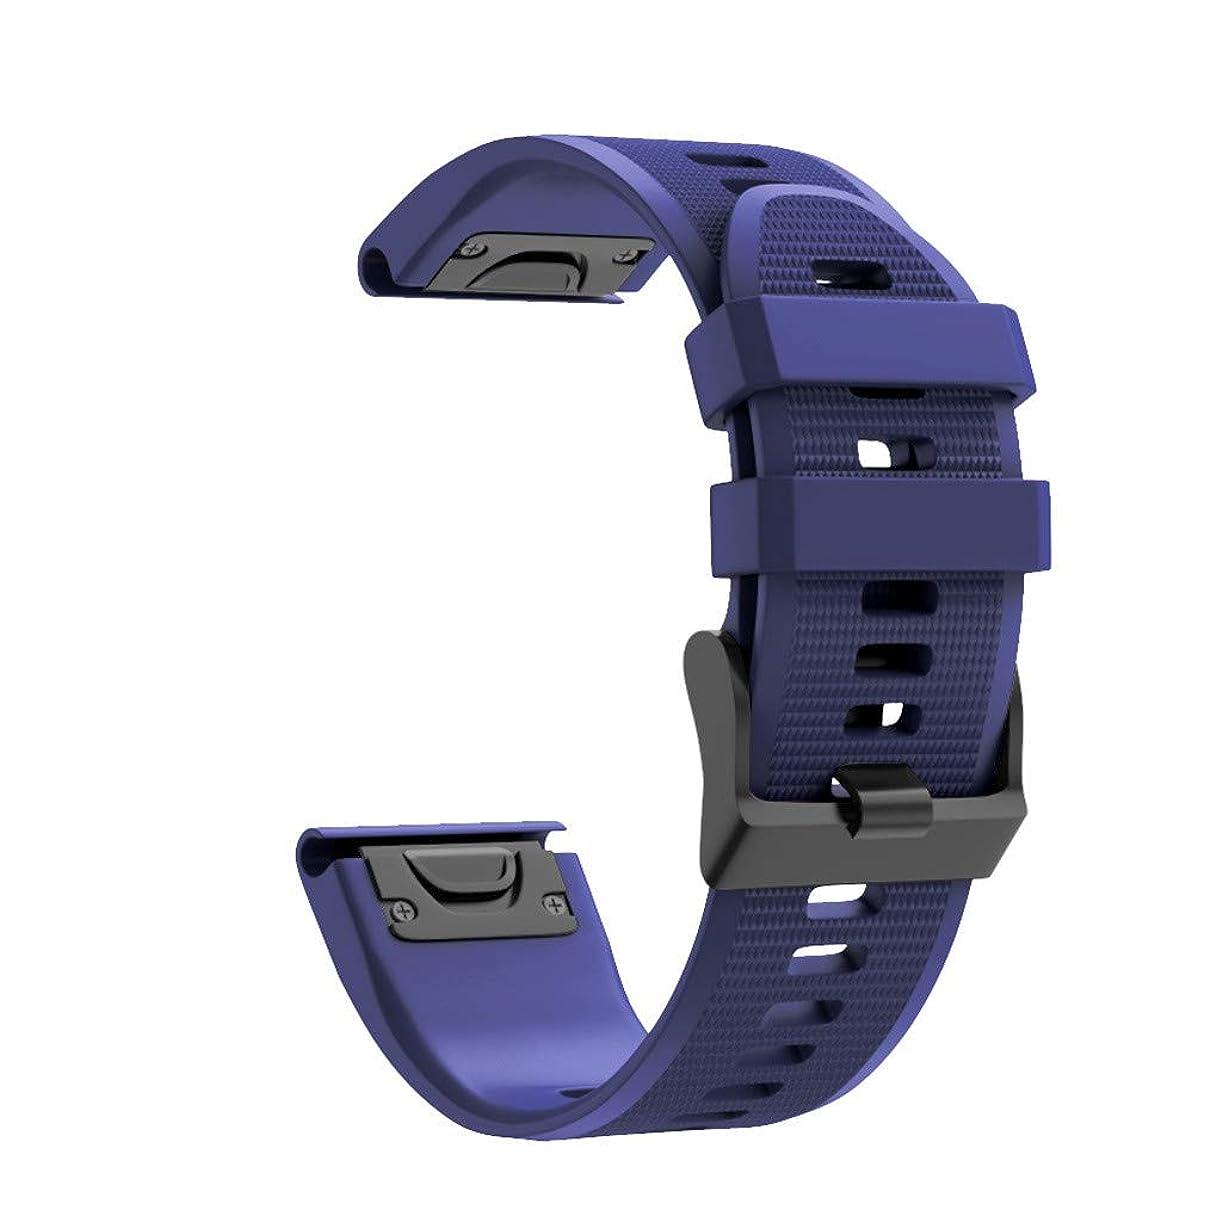 記念碑斧有名人4Fires スマートウォッチブレスレットアクセサリー 男性と女性のファッションスポーツストラップ Garmin Fenix 6X/Fenix 6XProと互換性のあるクイックリリースシリコン交換用時計バンドストラップ(幅:26mm)